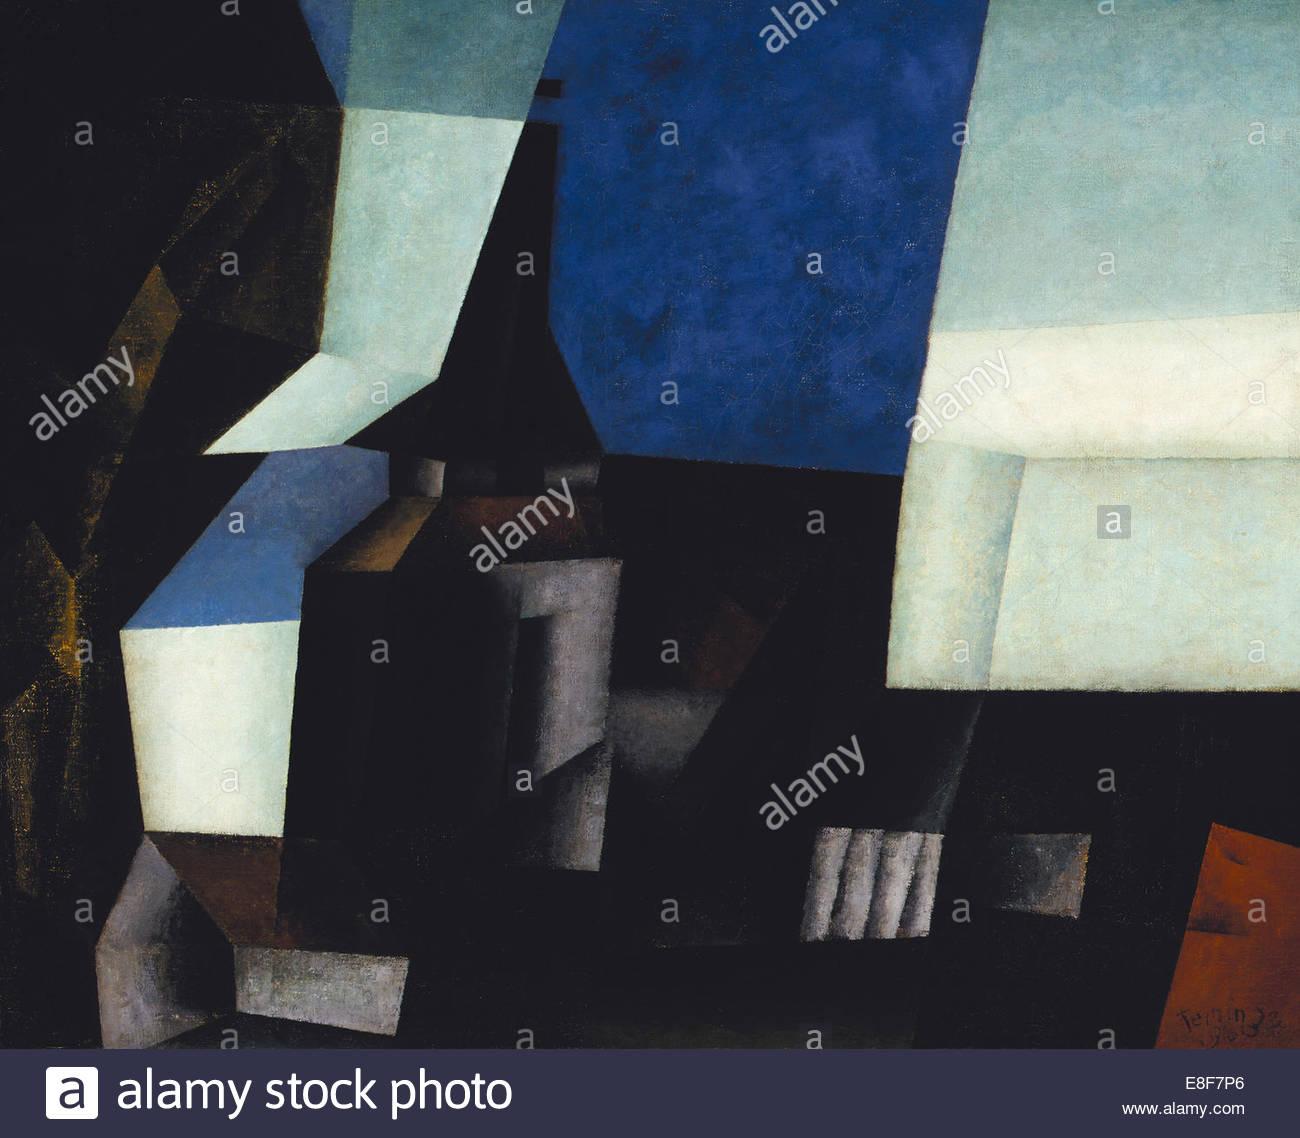 Zirchow V. Artist: Feininger, Lyonel (1871-1956) - Stock Image